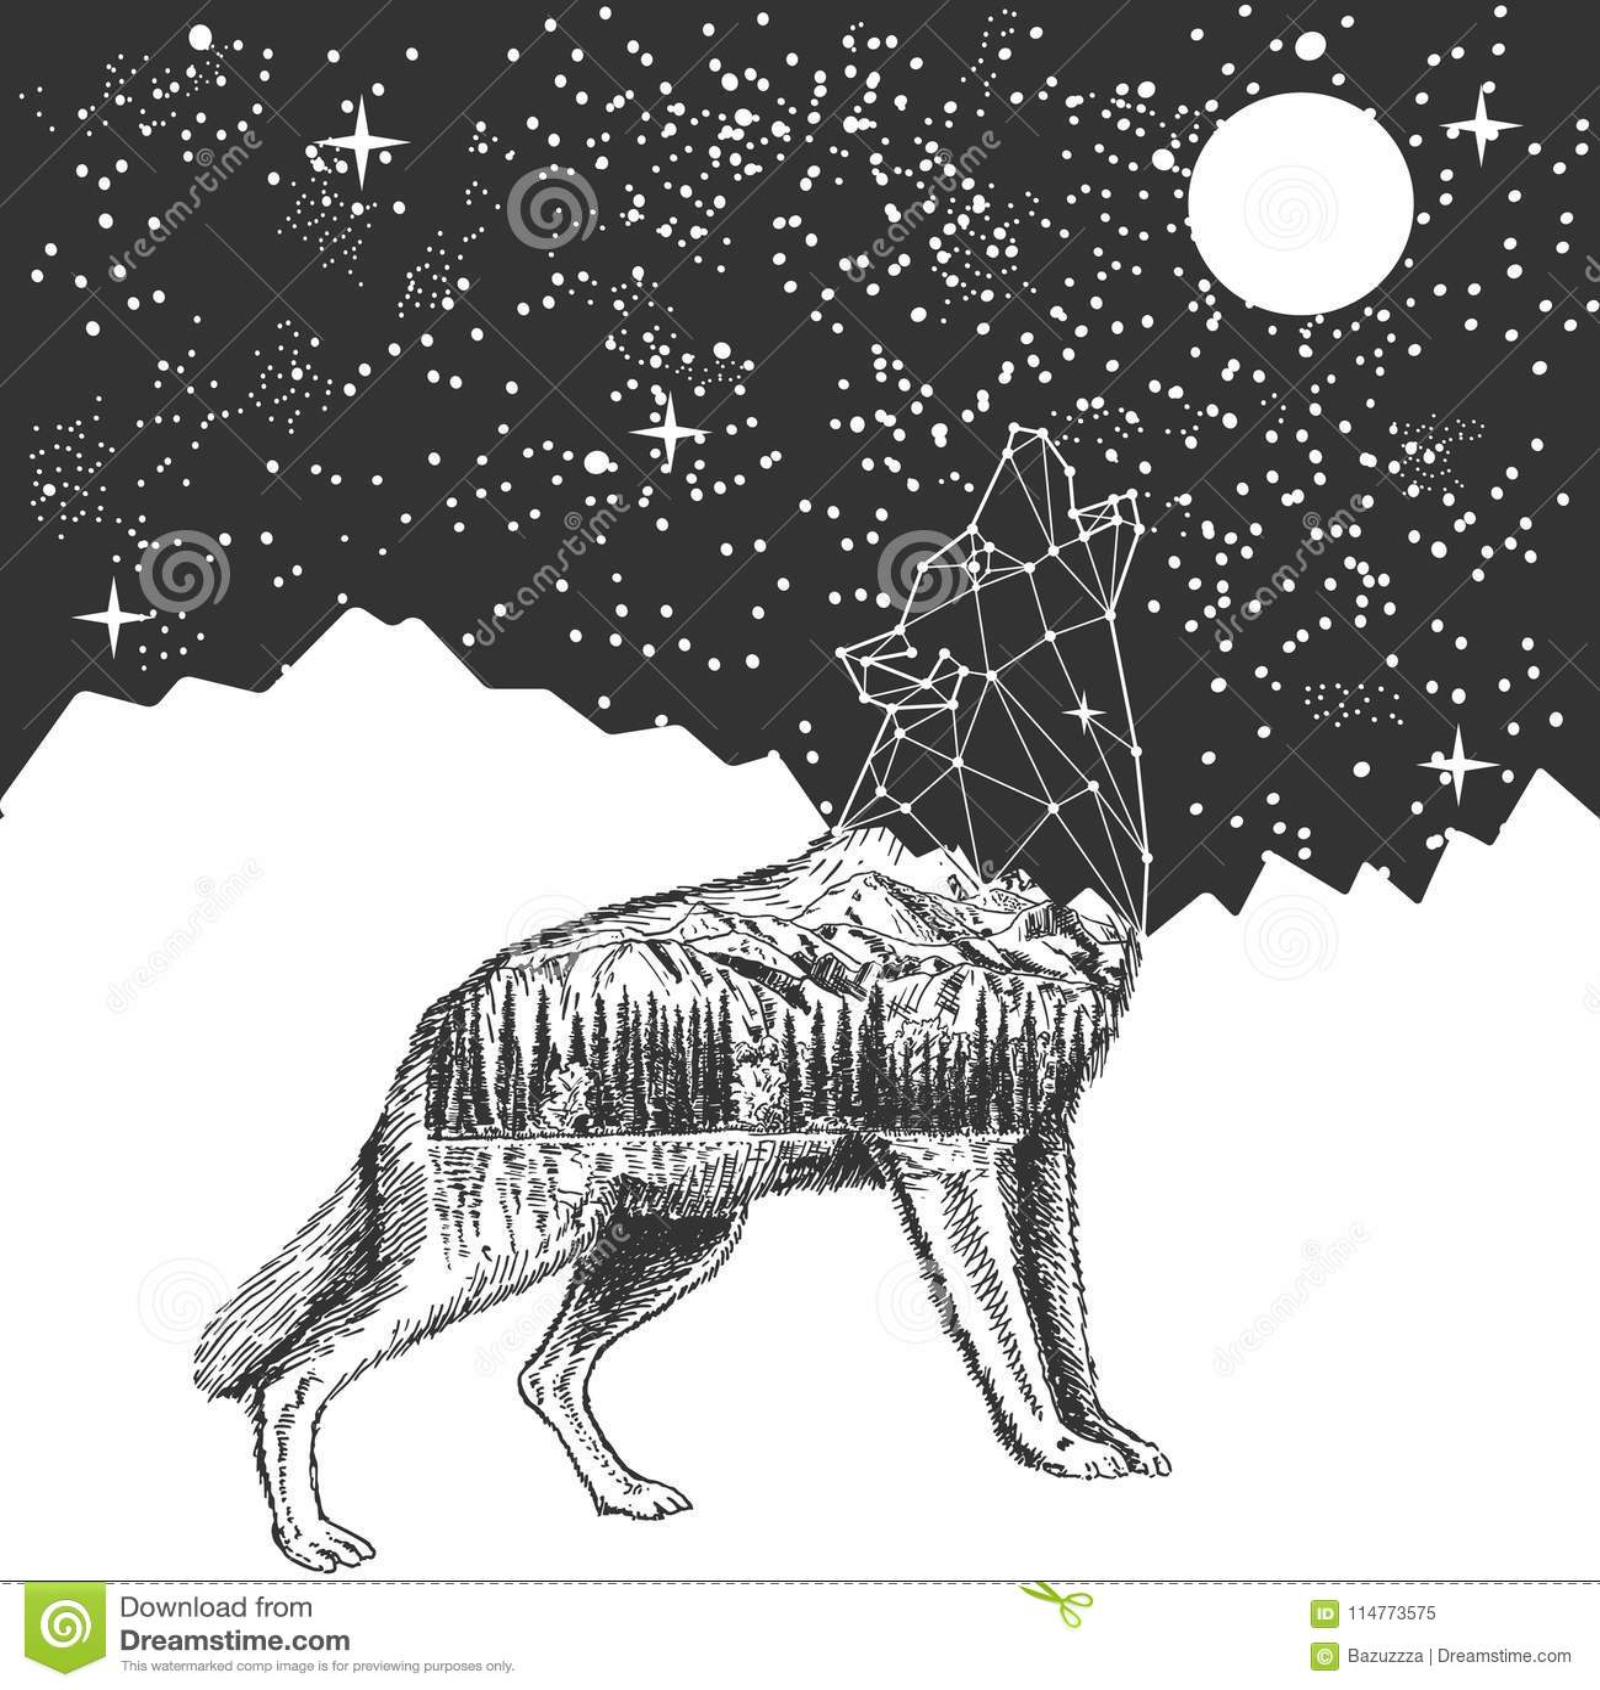 Vector o projeto da cópia do t-shirt da tatuagem do lobo e do céu noturno do urro